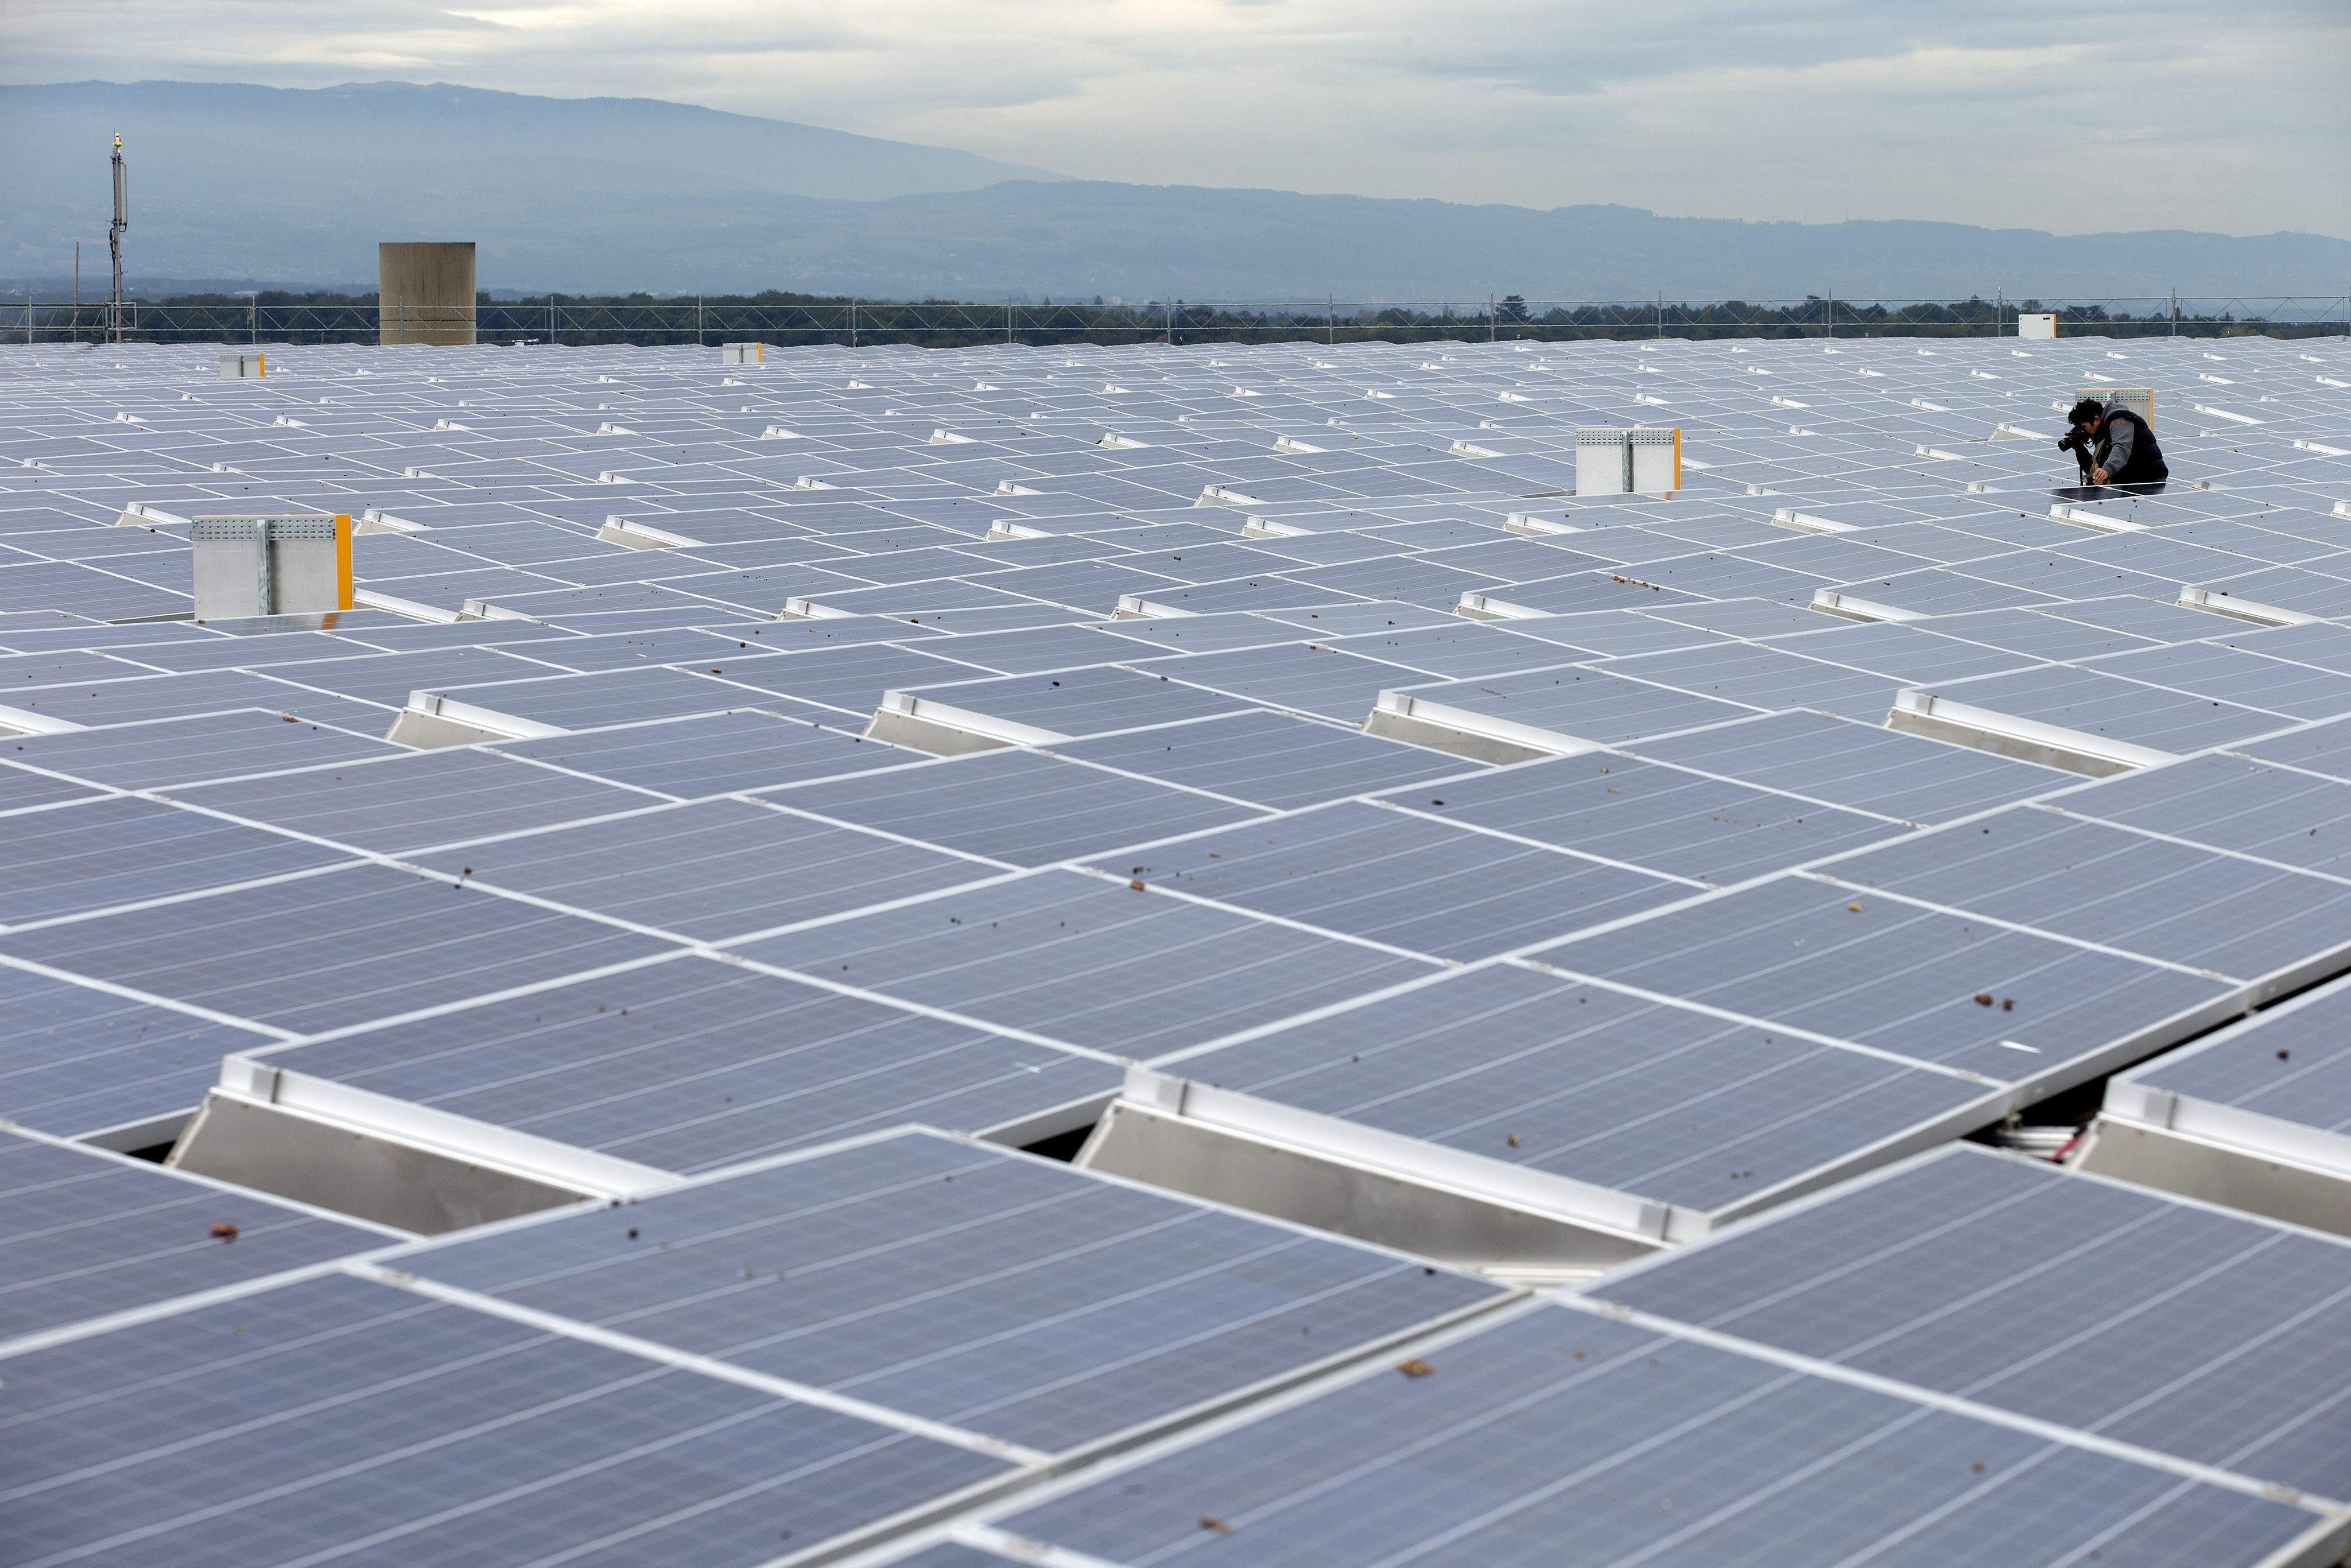 El sol se apaga en España, la deuda »ahoga» a los productores fotovoltaicos